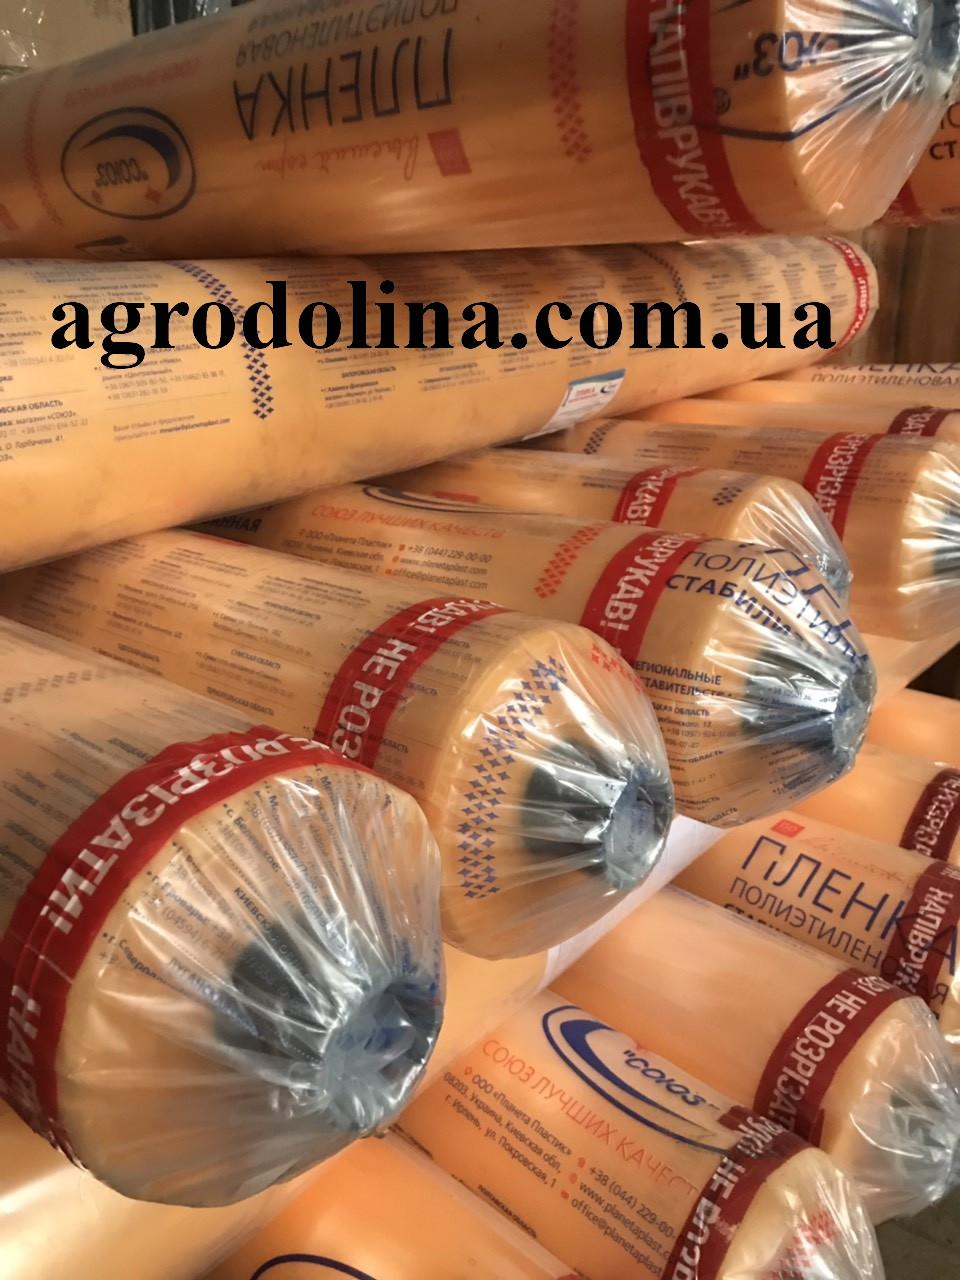 Пленка тепличная Союз 120 мкм (6м*75м) 24 месяца, 50,5 кг, Винница